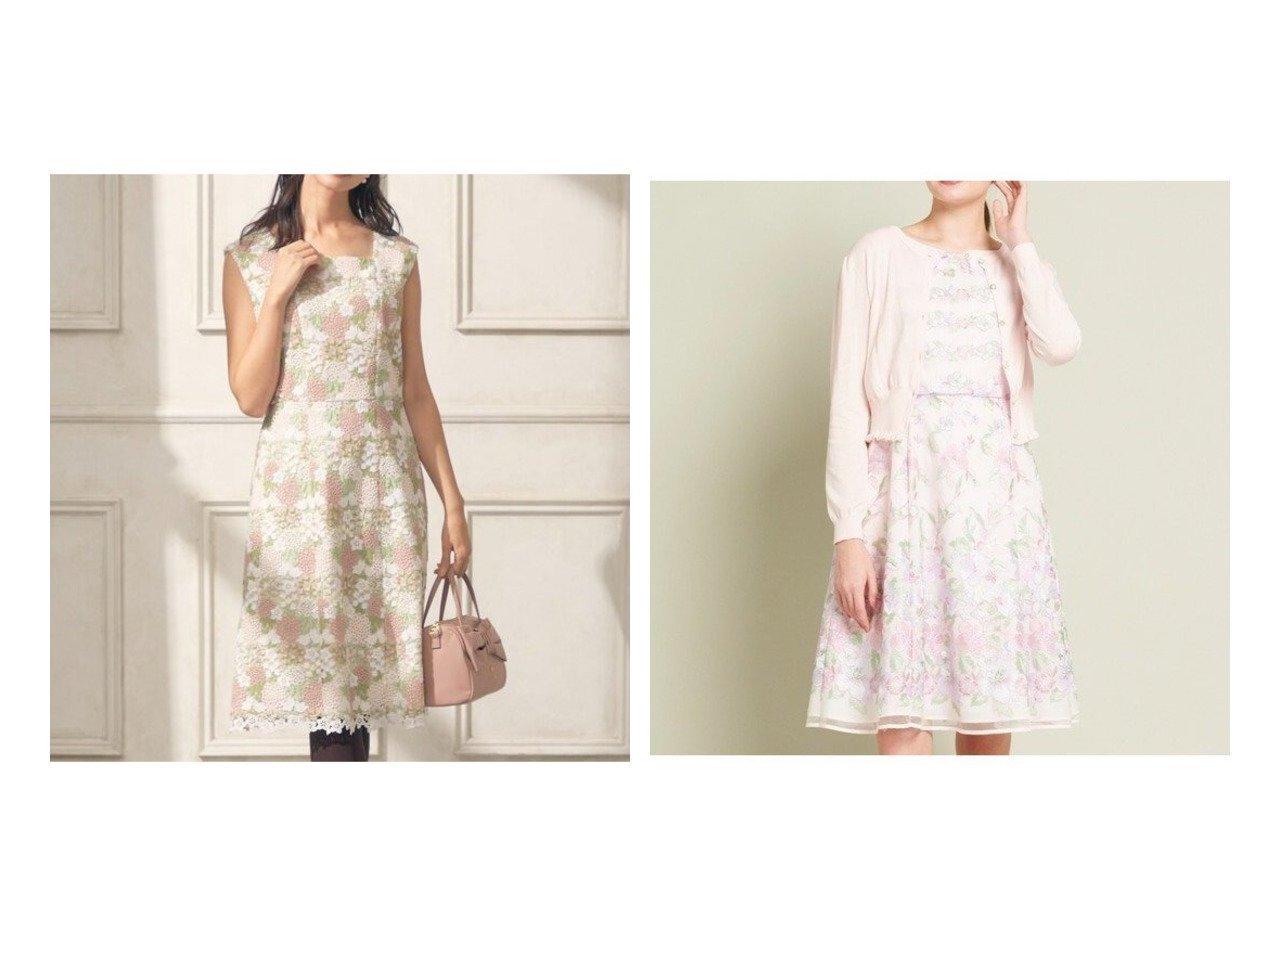 【TOCCA/トッカ】の【洗える!】FRAGRANCE ドレス&【洗える!】AROMATICA ドレス ワンピース・ドレスのおすすめ!人気、レディースファッションの通販 おすすめで人気のファッション通販商品 インテリア・家具・キッズファッション・メンズファッション・レディースファッション・服の通販 founy(ファニー) https://founy.com/ ファッション Fashion レディース WOMEN ワンピース Dress ドレス Party Dresses 冬 Winter ドレス |ID:crp329100000002951